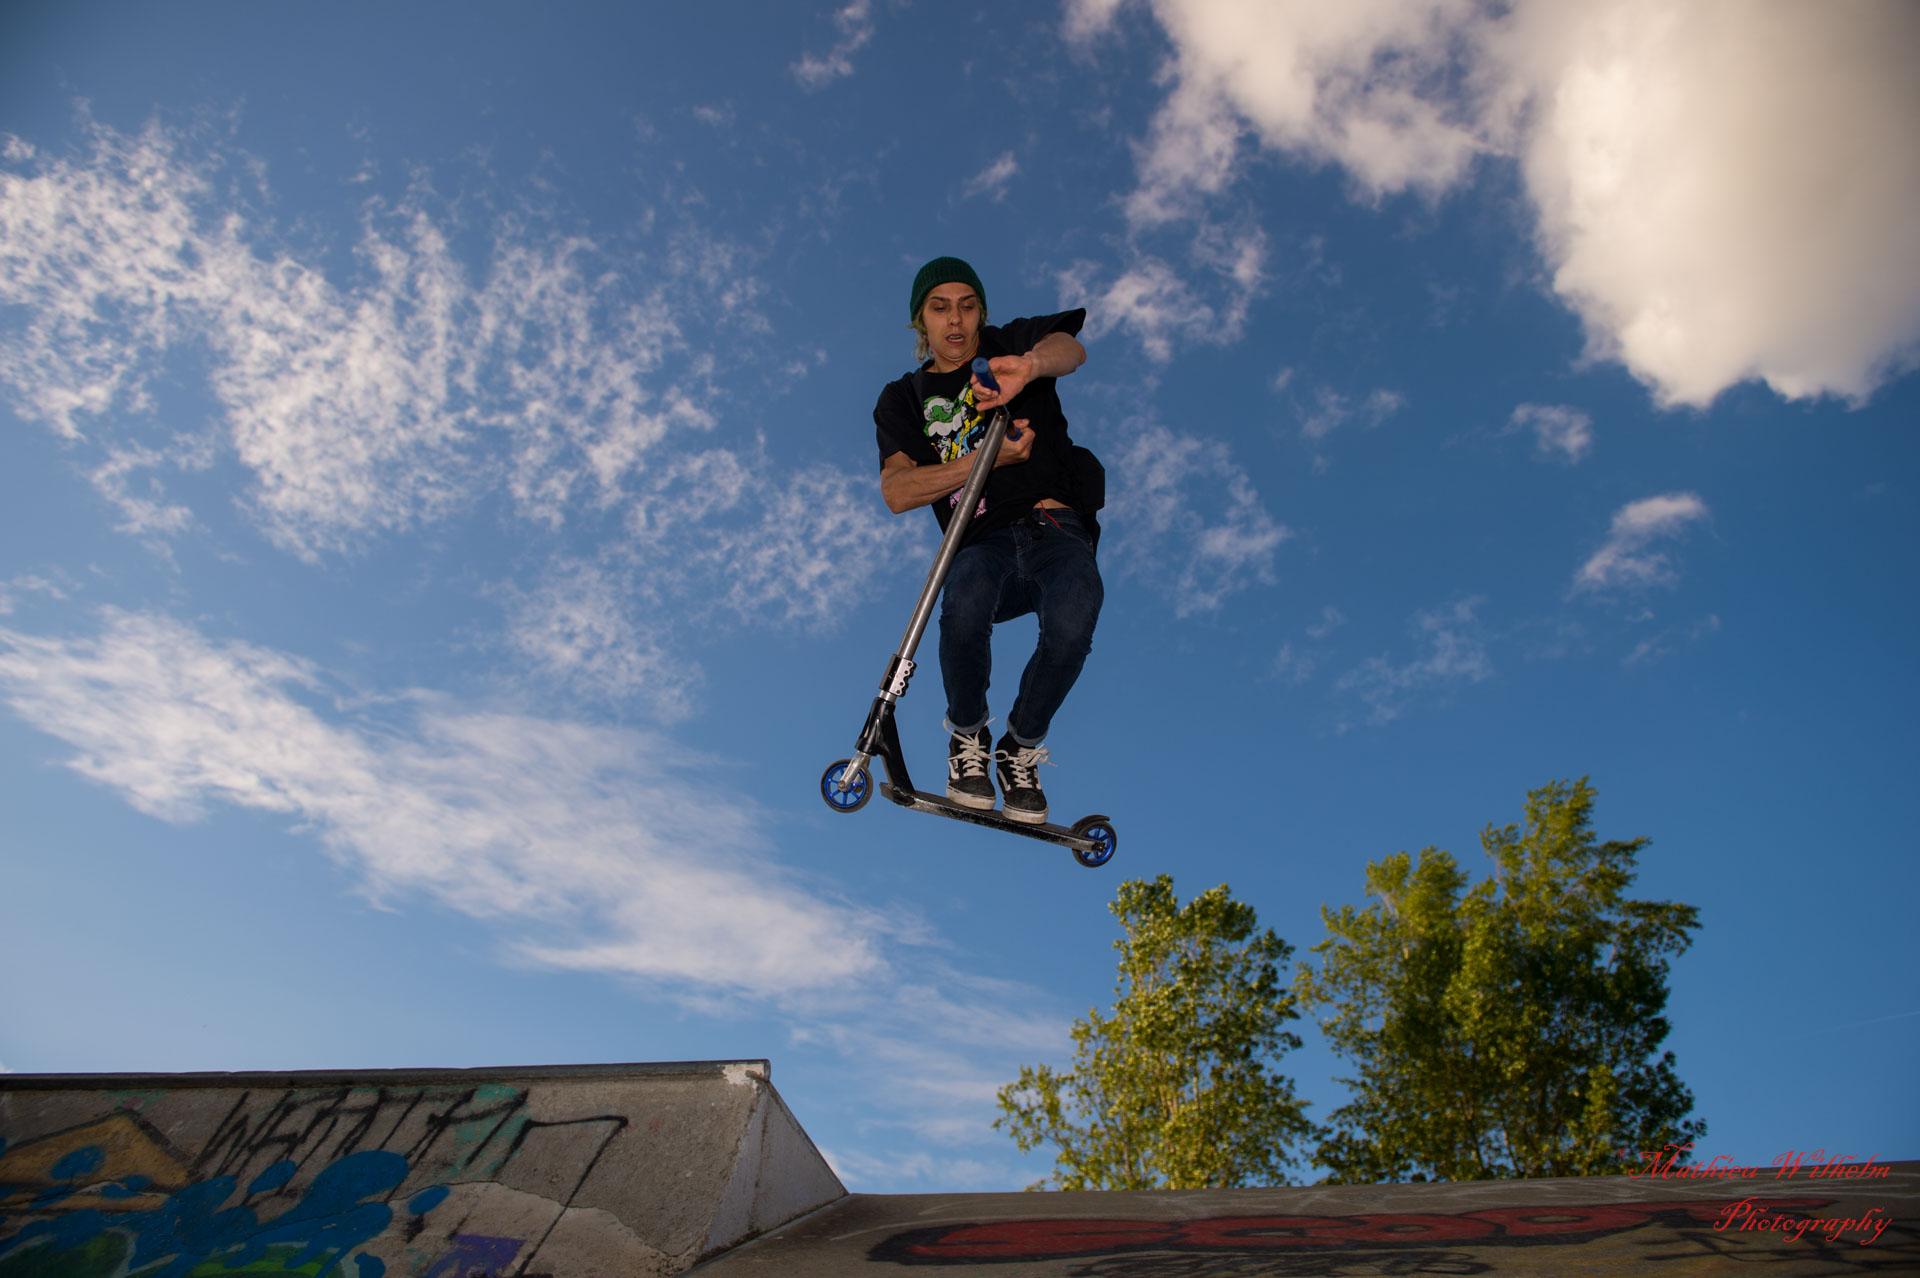 2018-04-25 Skate parc cernay (60)